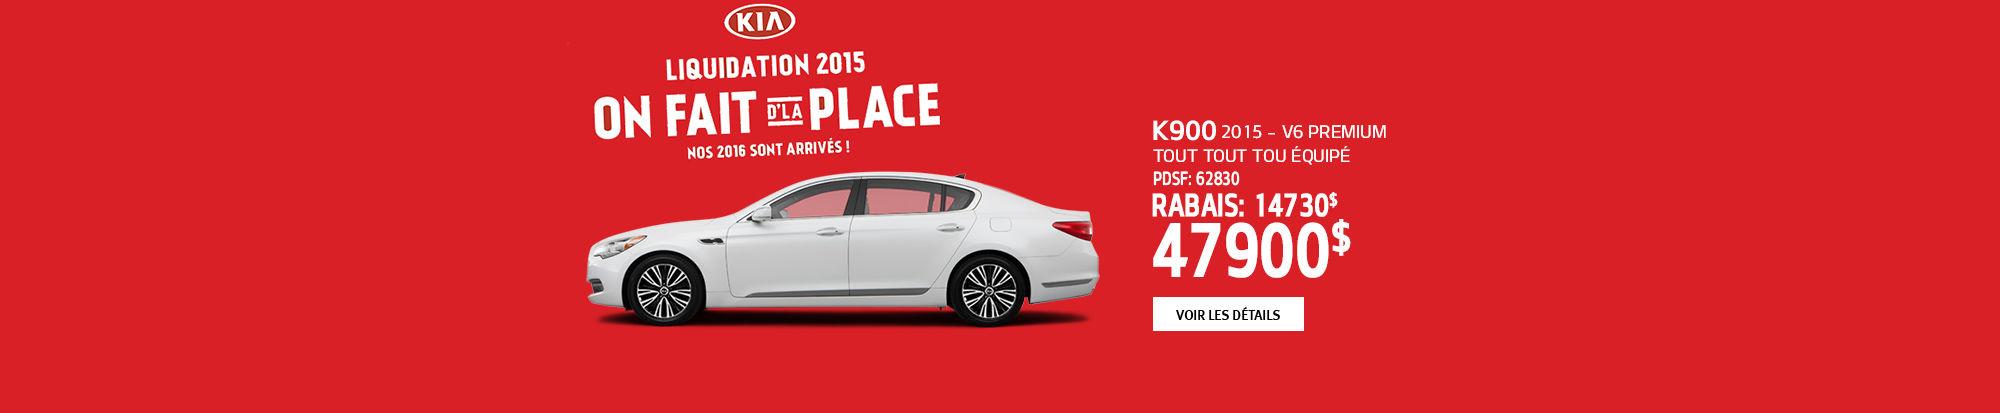 On fait d'la place chez Kia, la K900 2015 avec 14 730$ de rabais!